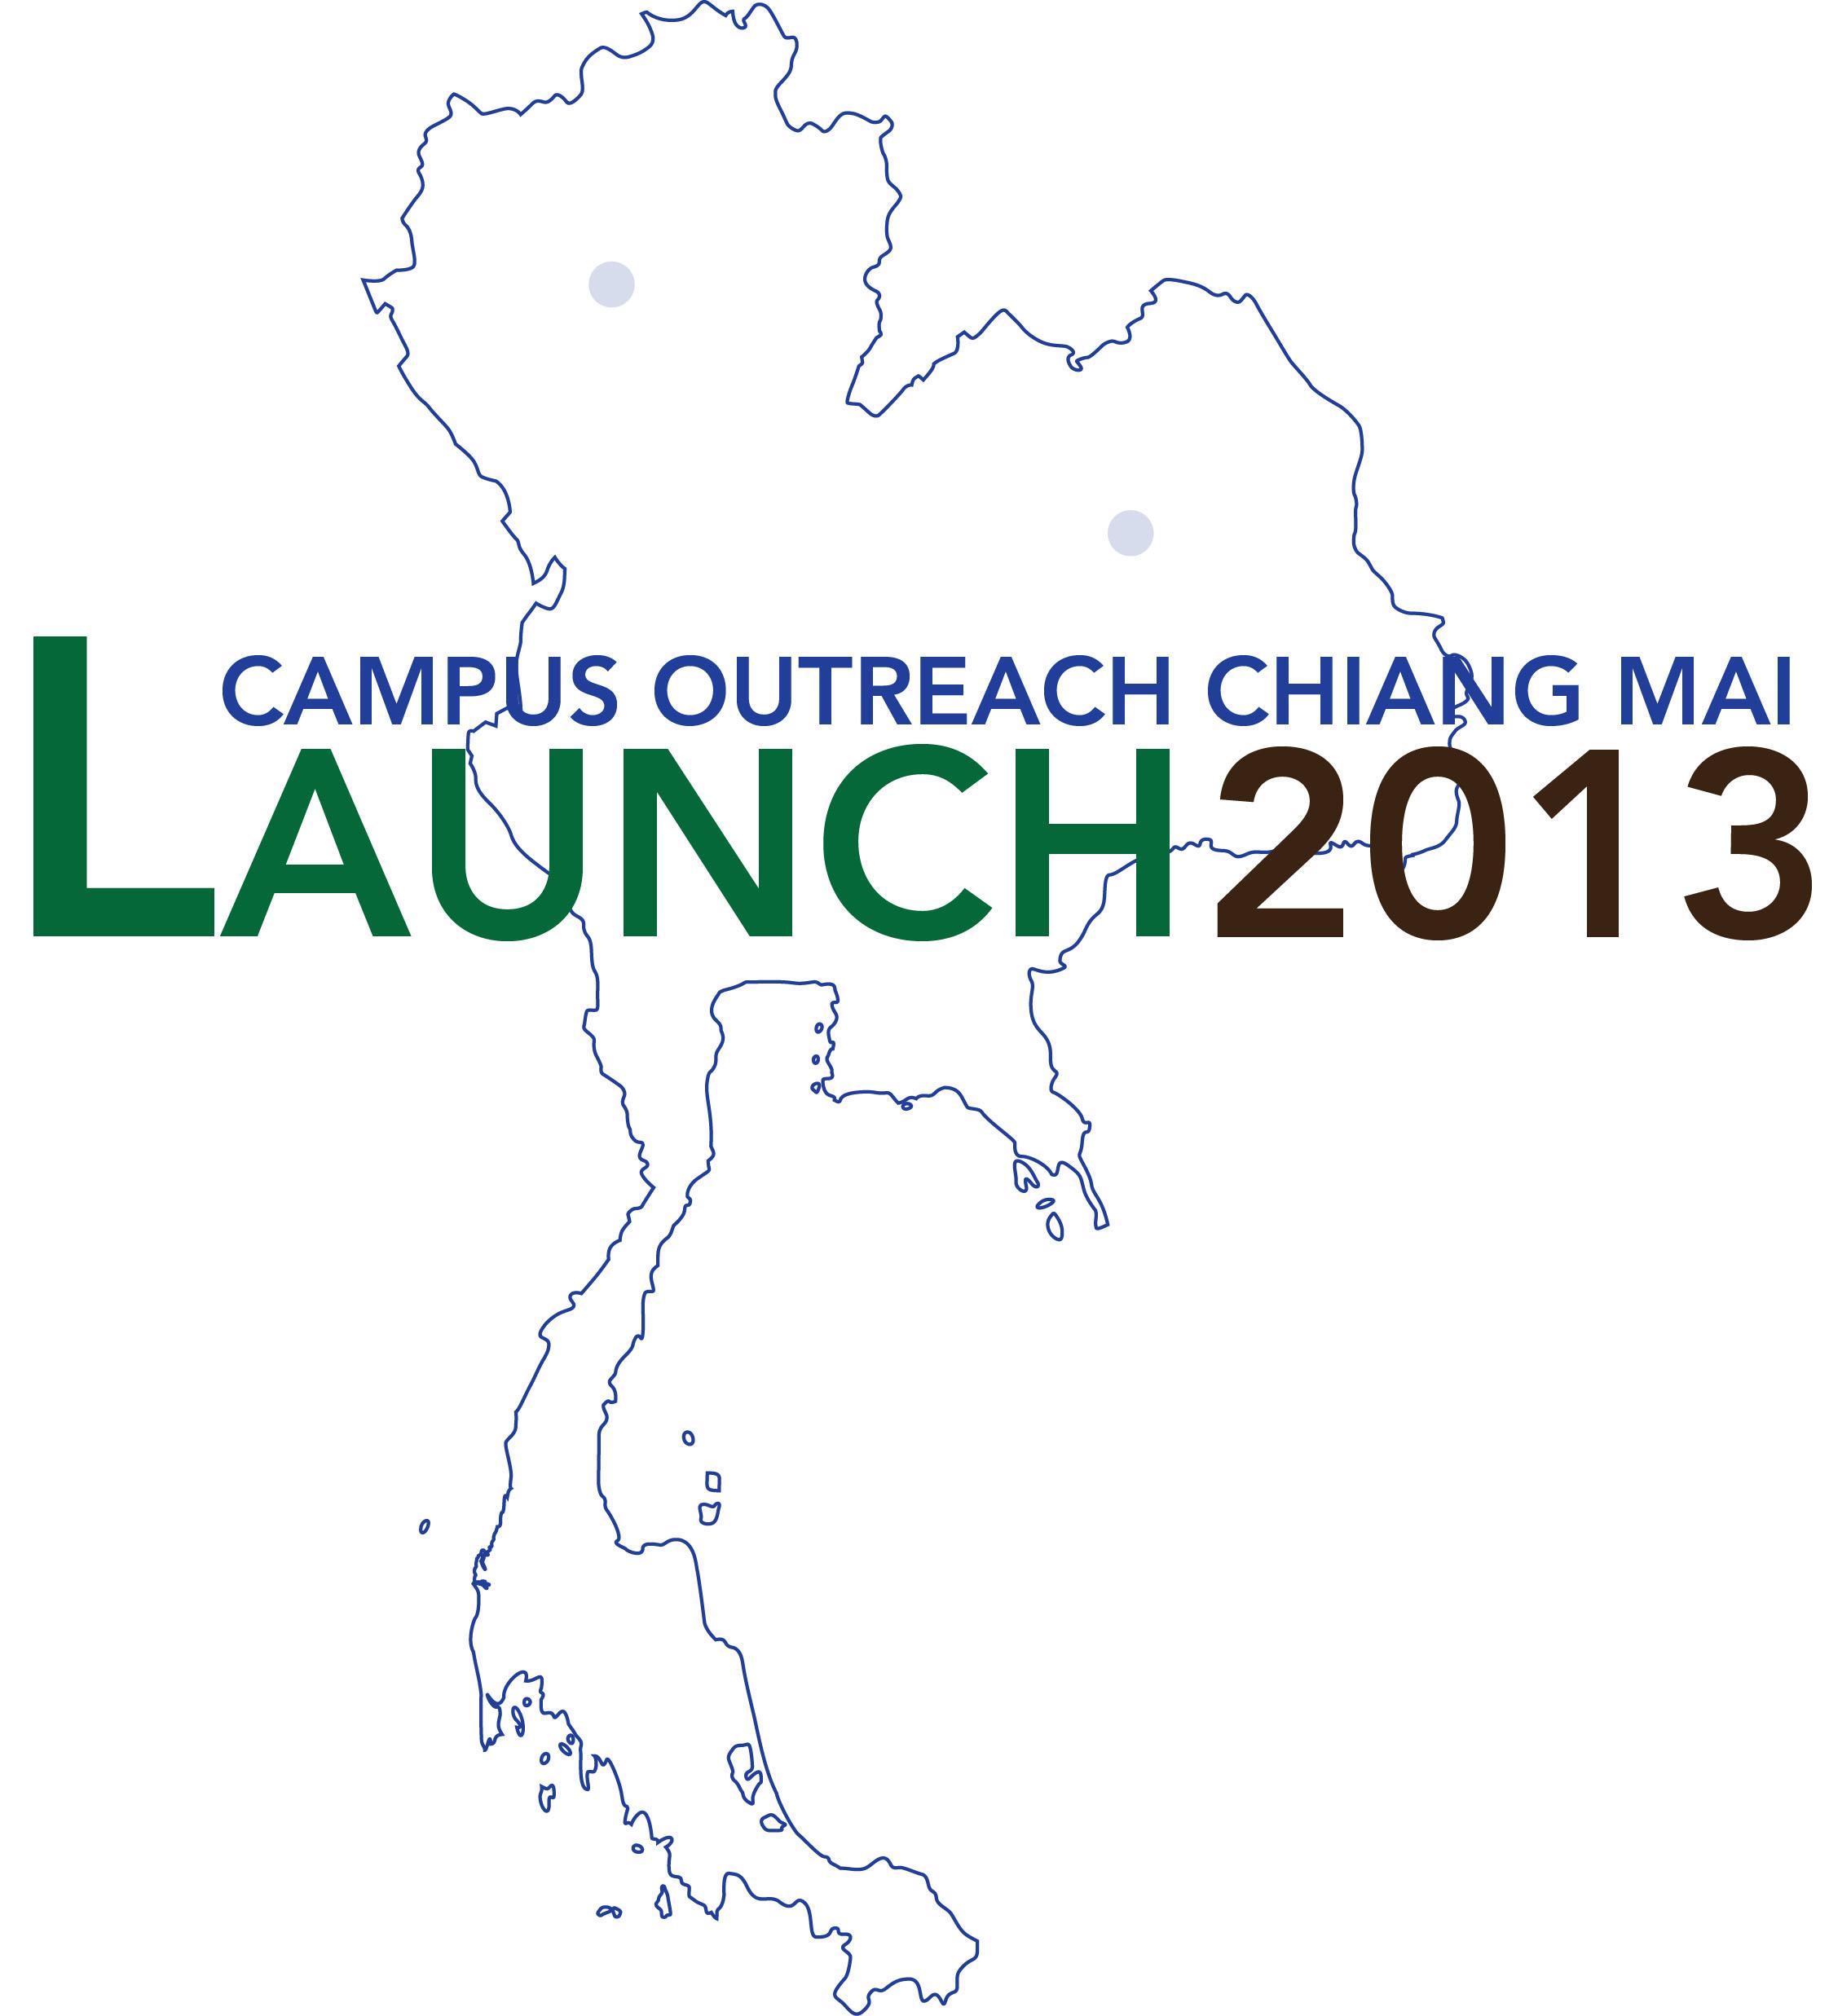 Launch 2013